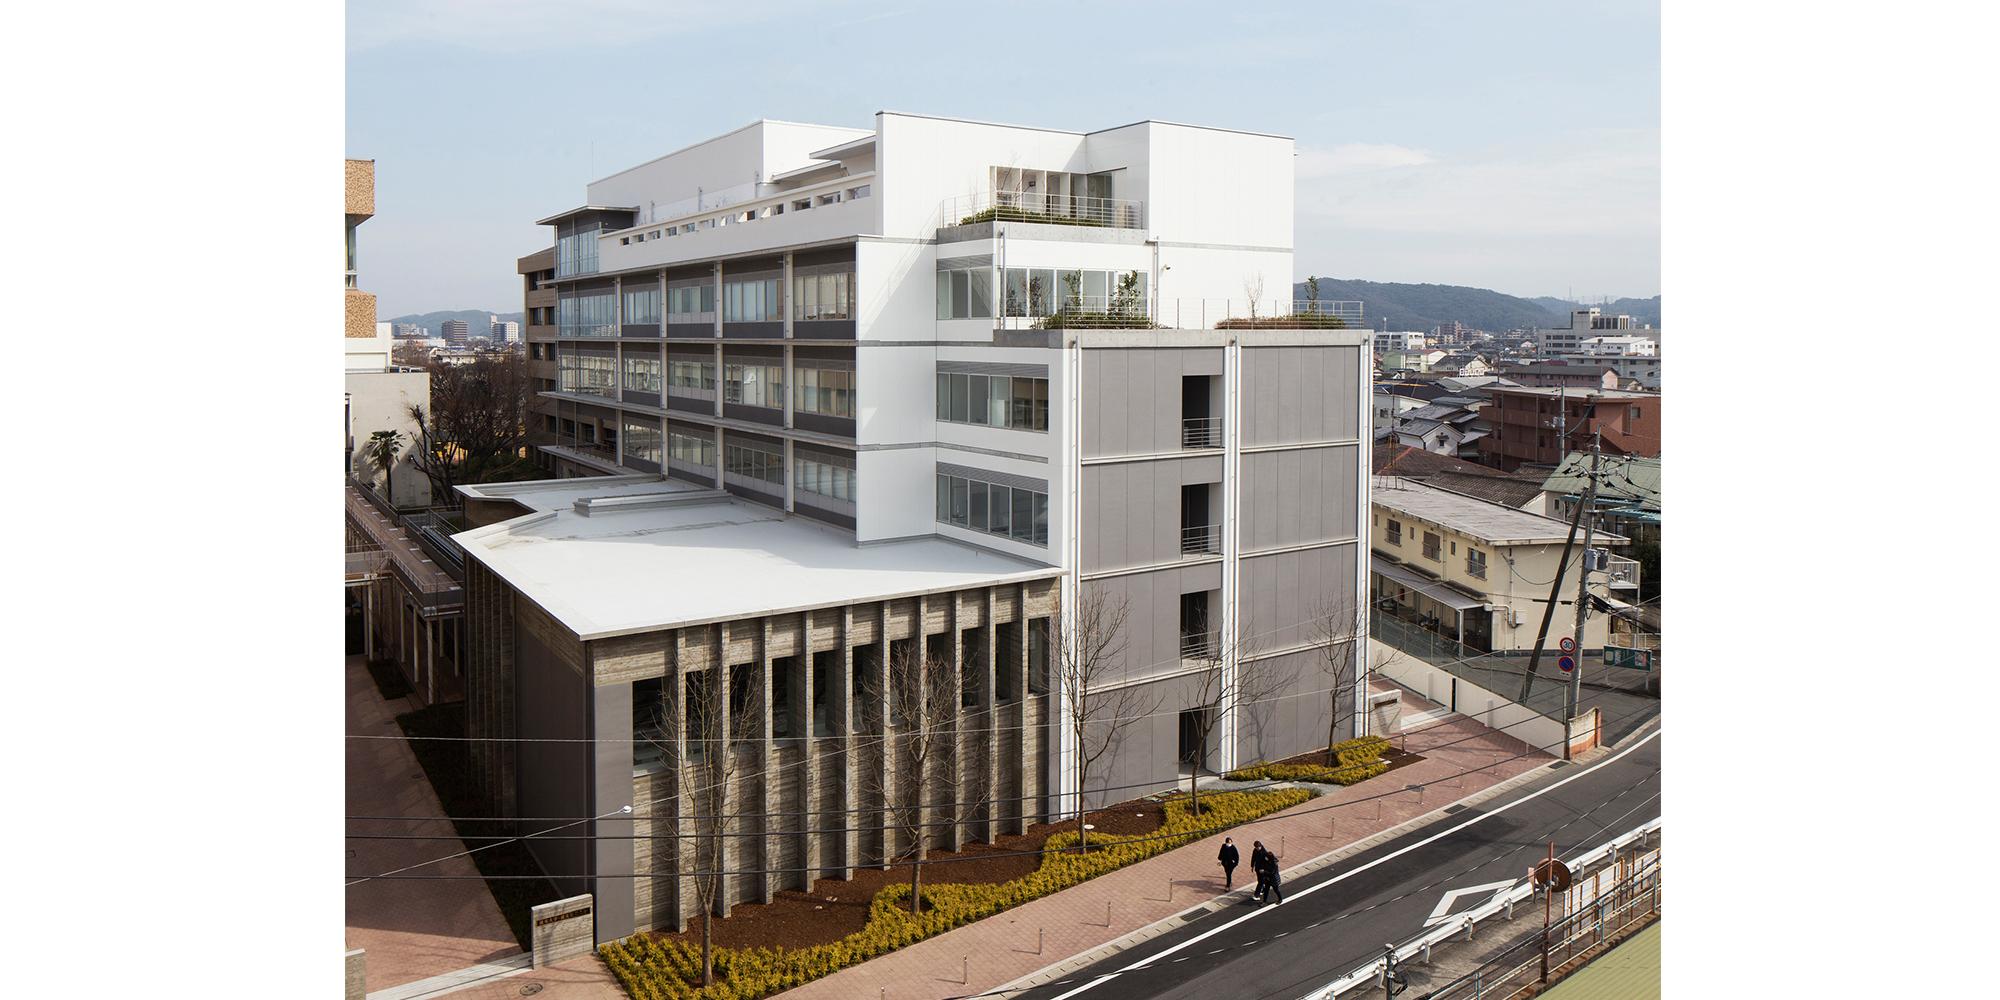 佐藤建築事務所「就実大学・就実短期大学 110周年記念校舎」